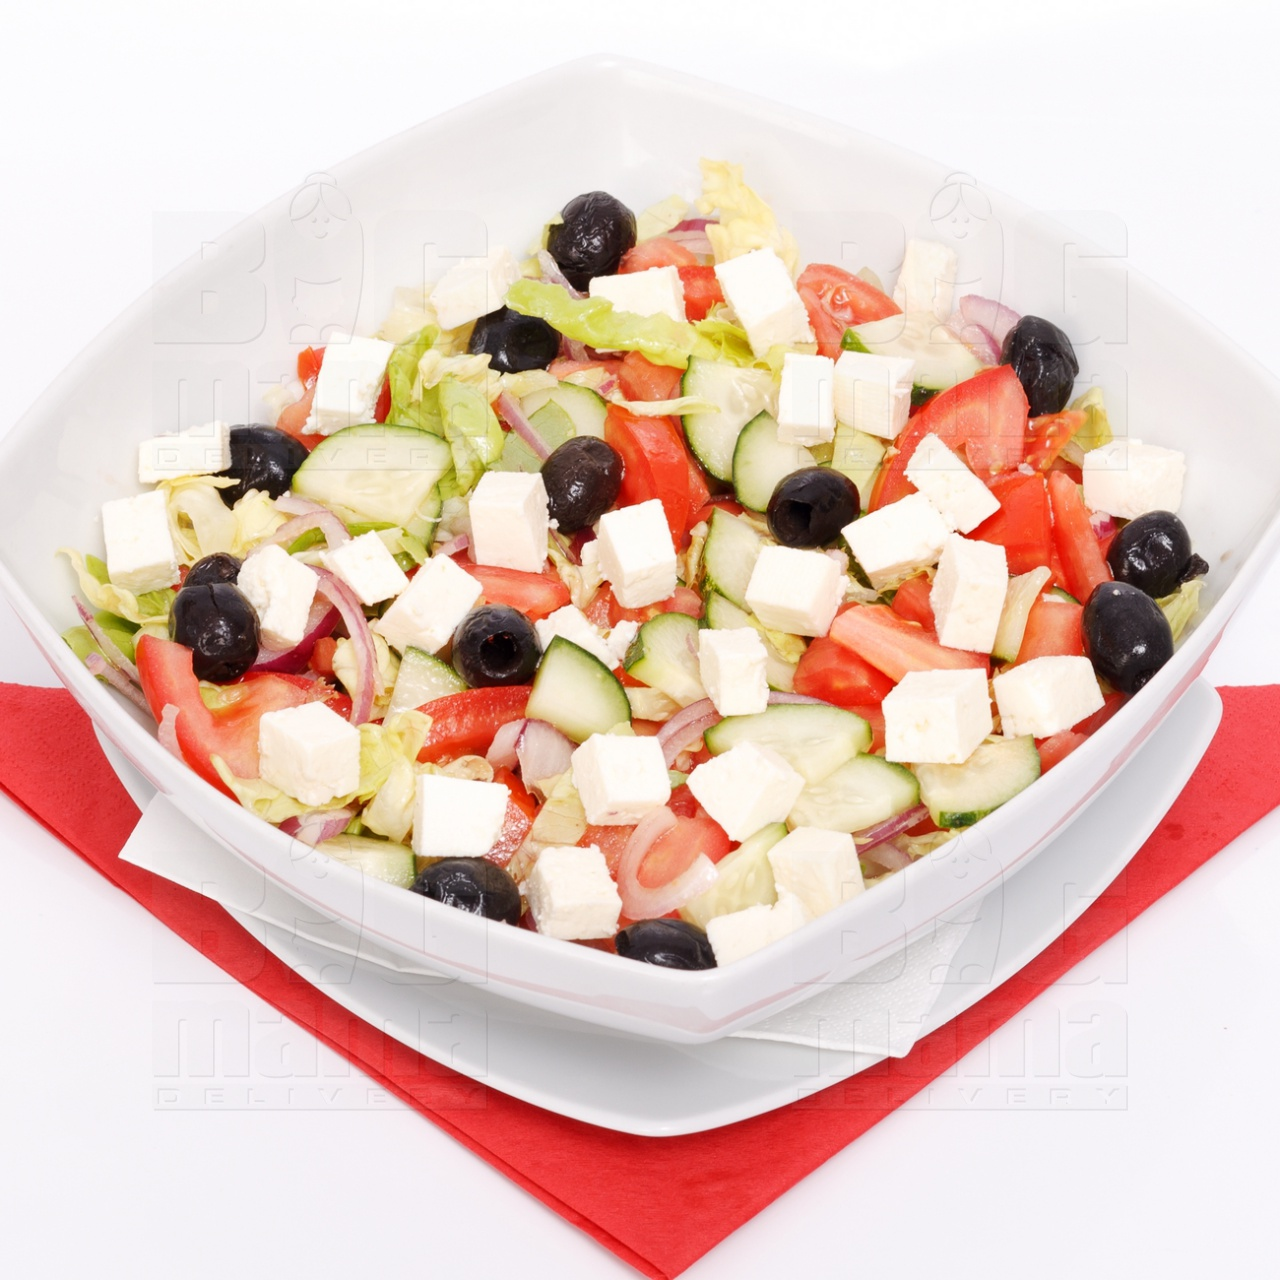 Product #170 image - Salată grecească, 1/2 porție